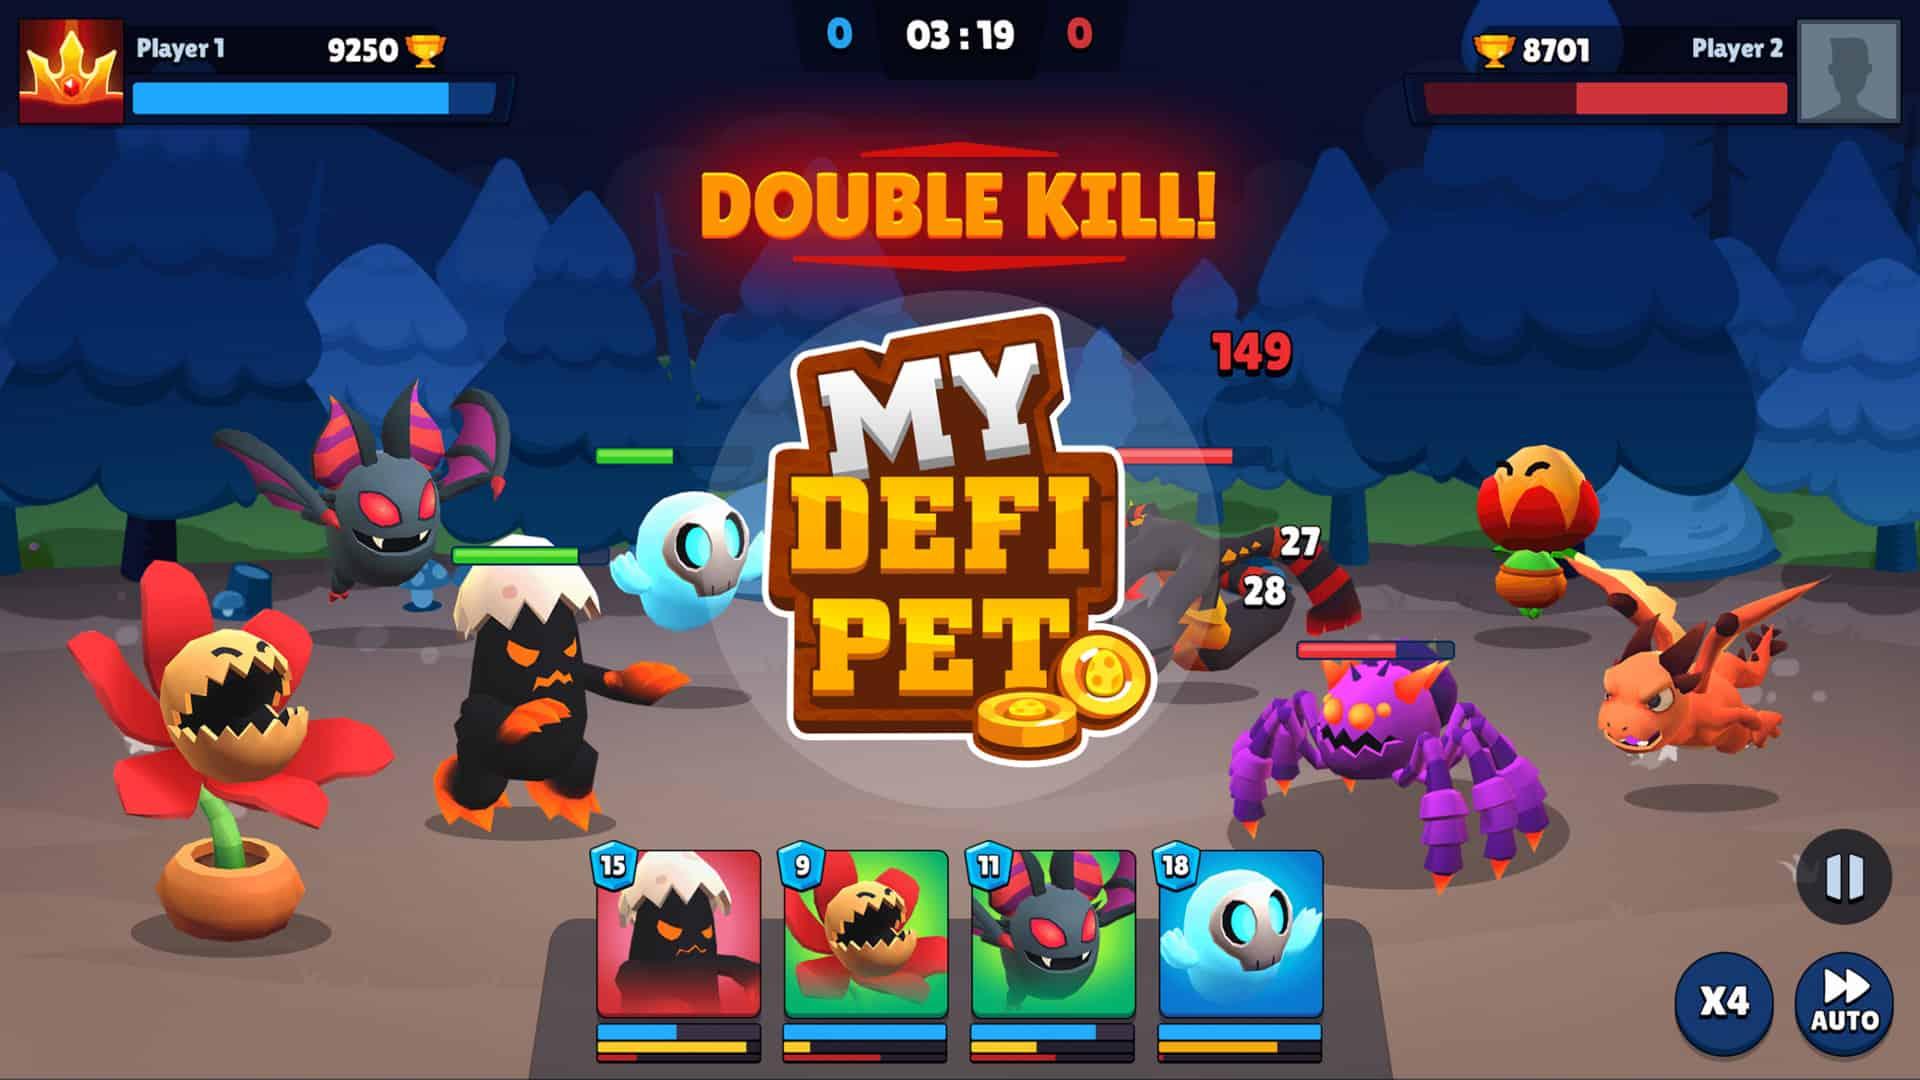 My DeFi Pet Review